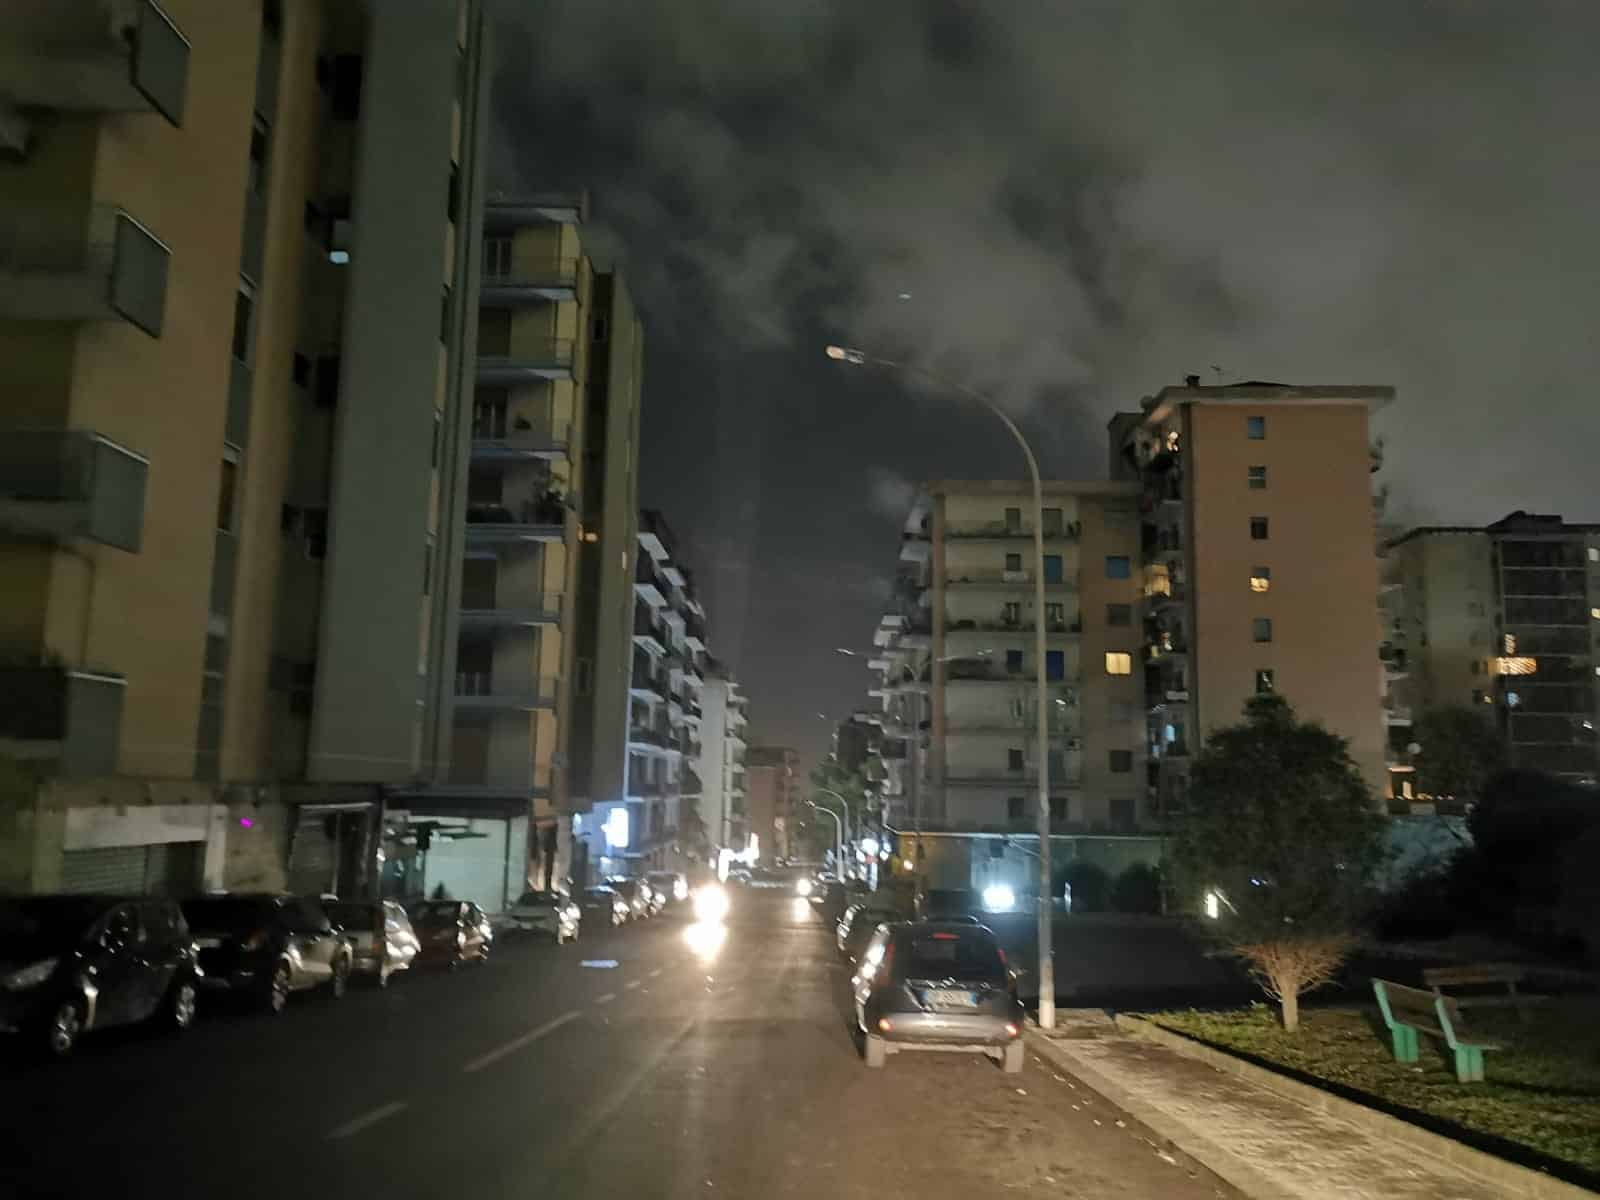 """Catania, via Caronda e via Palazzotto al buio. Presidente Ferrara: """"La gente ha paura di essere derubata"""""""